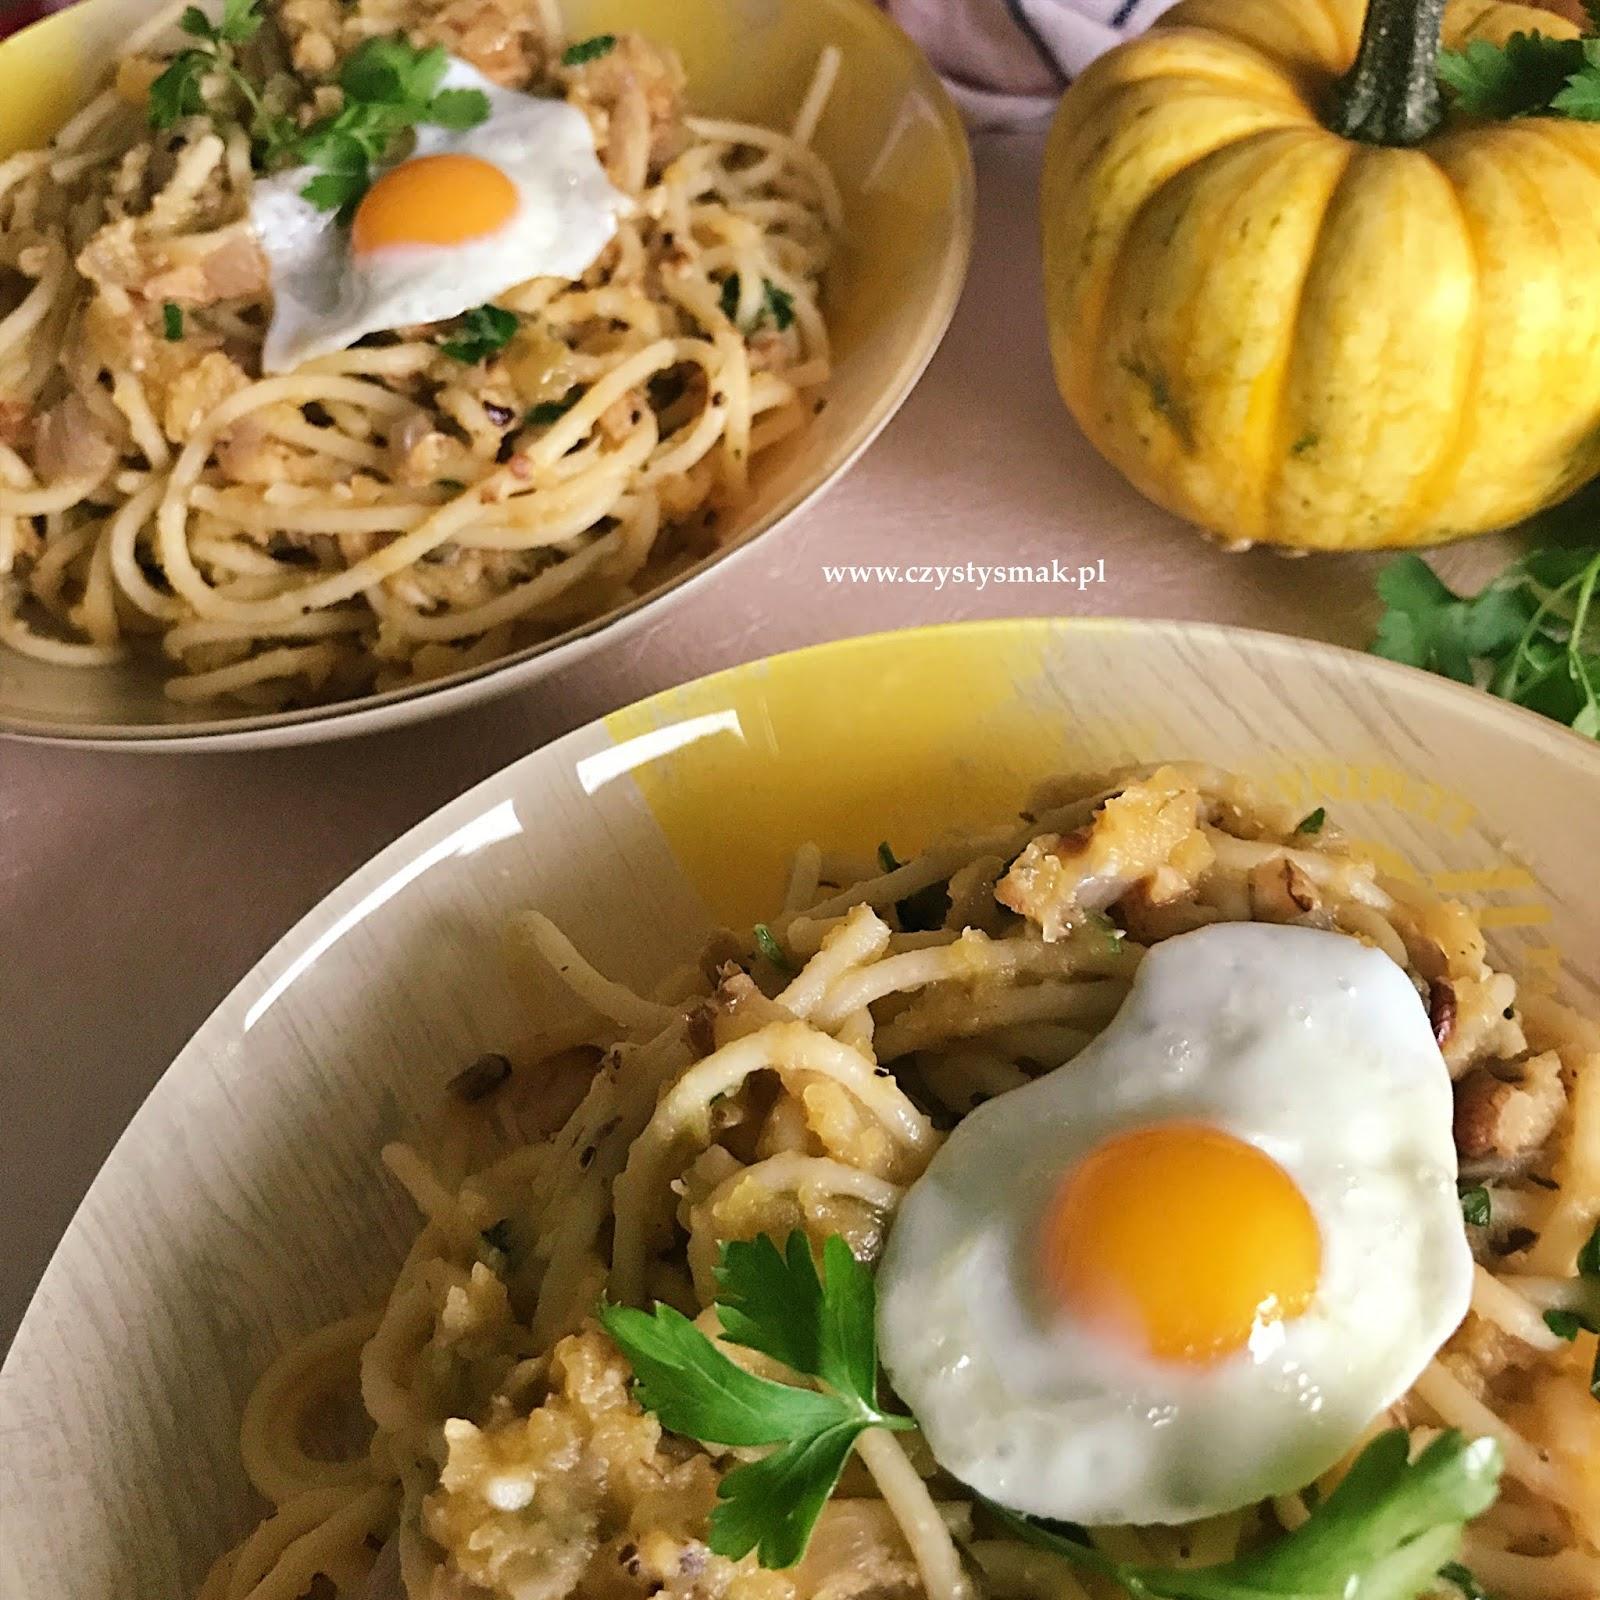 Smażone jajka przepiórcze na spaghetti